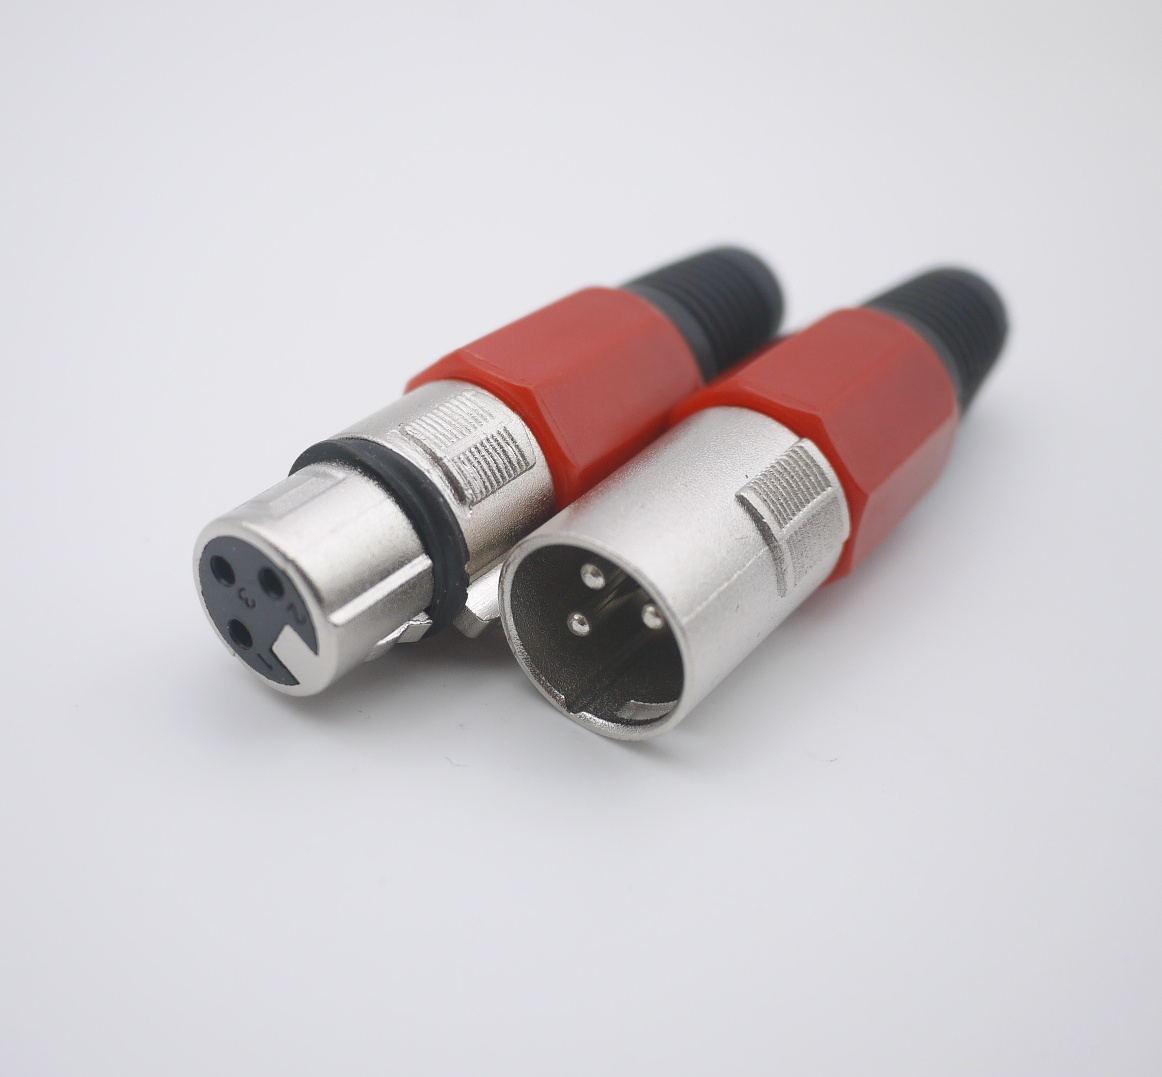 XLR 3 دبوس أنثى MIC جاك التوصيل الصوت ميكروفون الكابل الموصل (كل وتشمل الكثير نصف الذكور والنصف الآخر من الإناث)